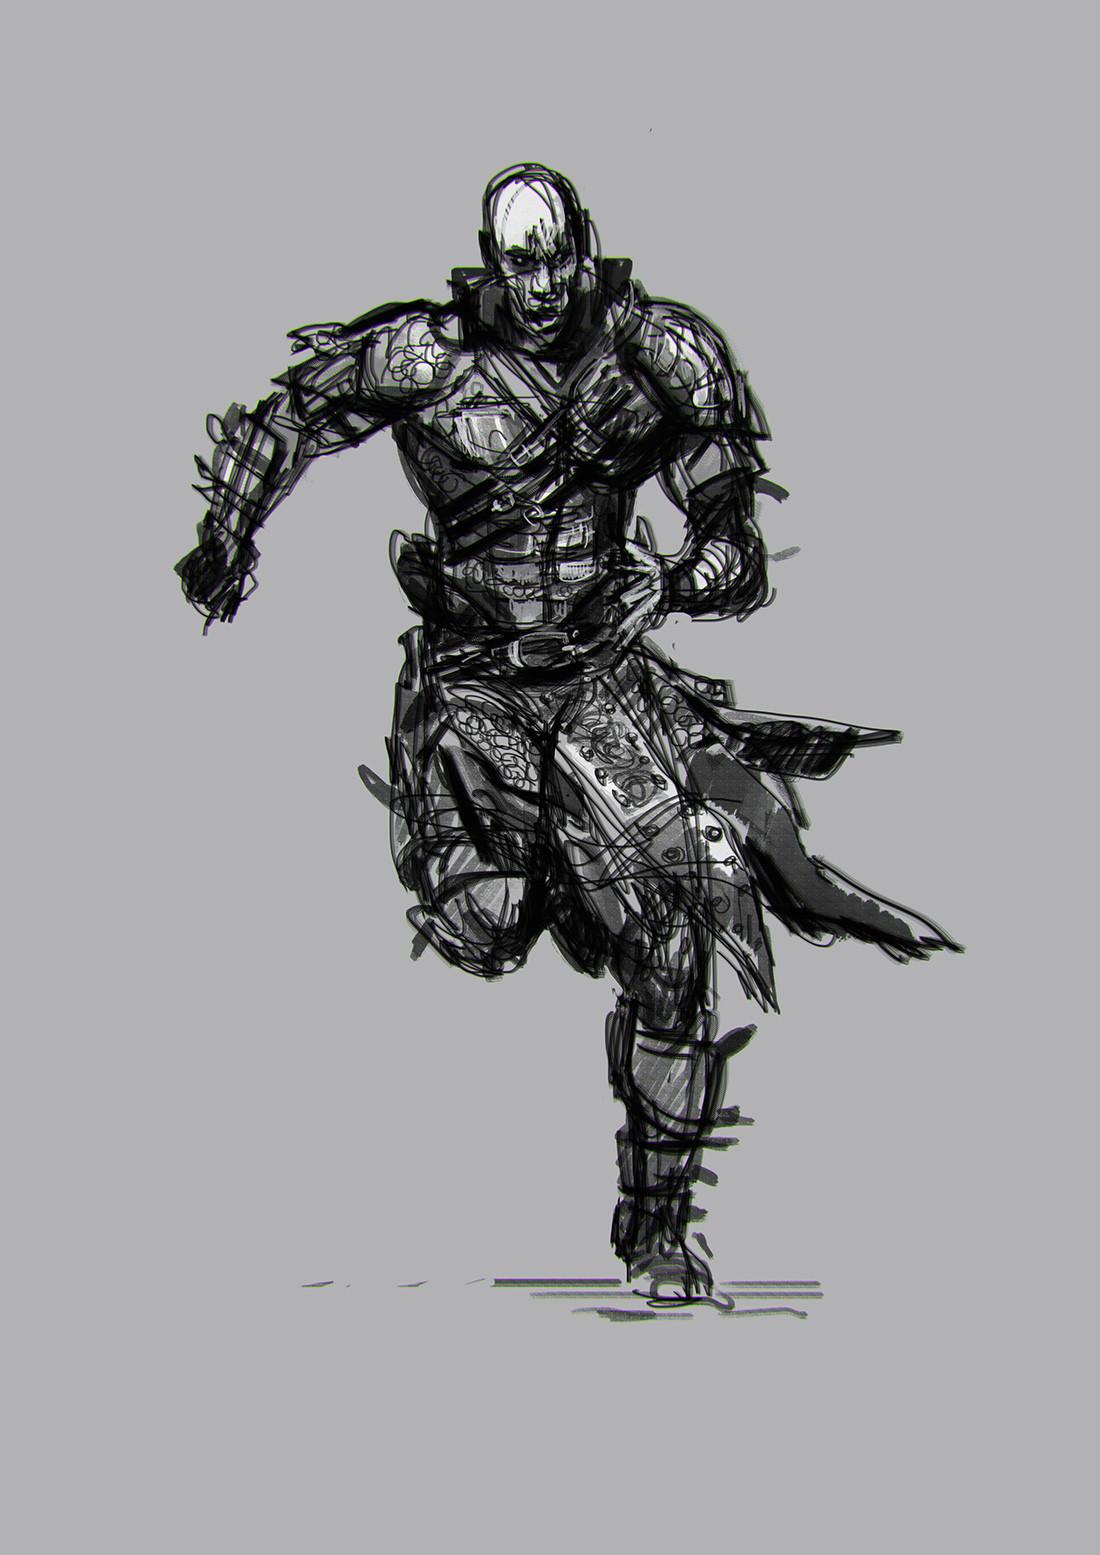 Andrei riabovitchev kaulder armor clothing v001 002